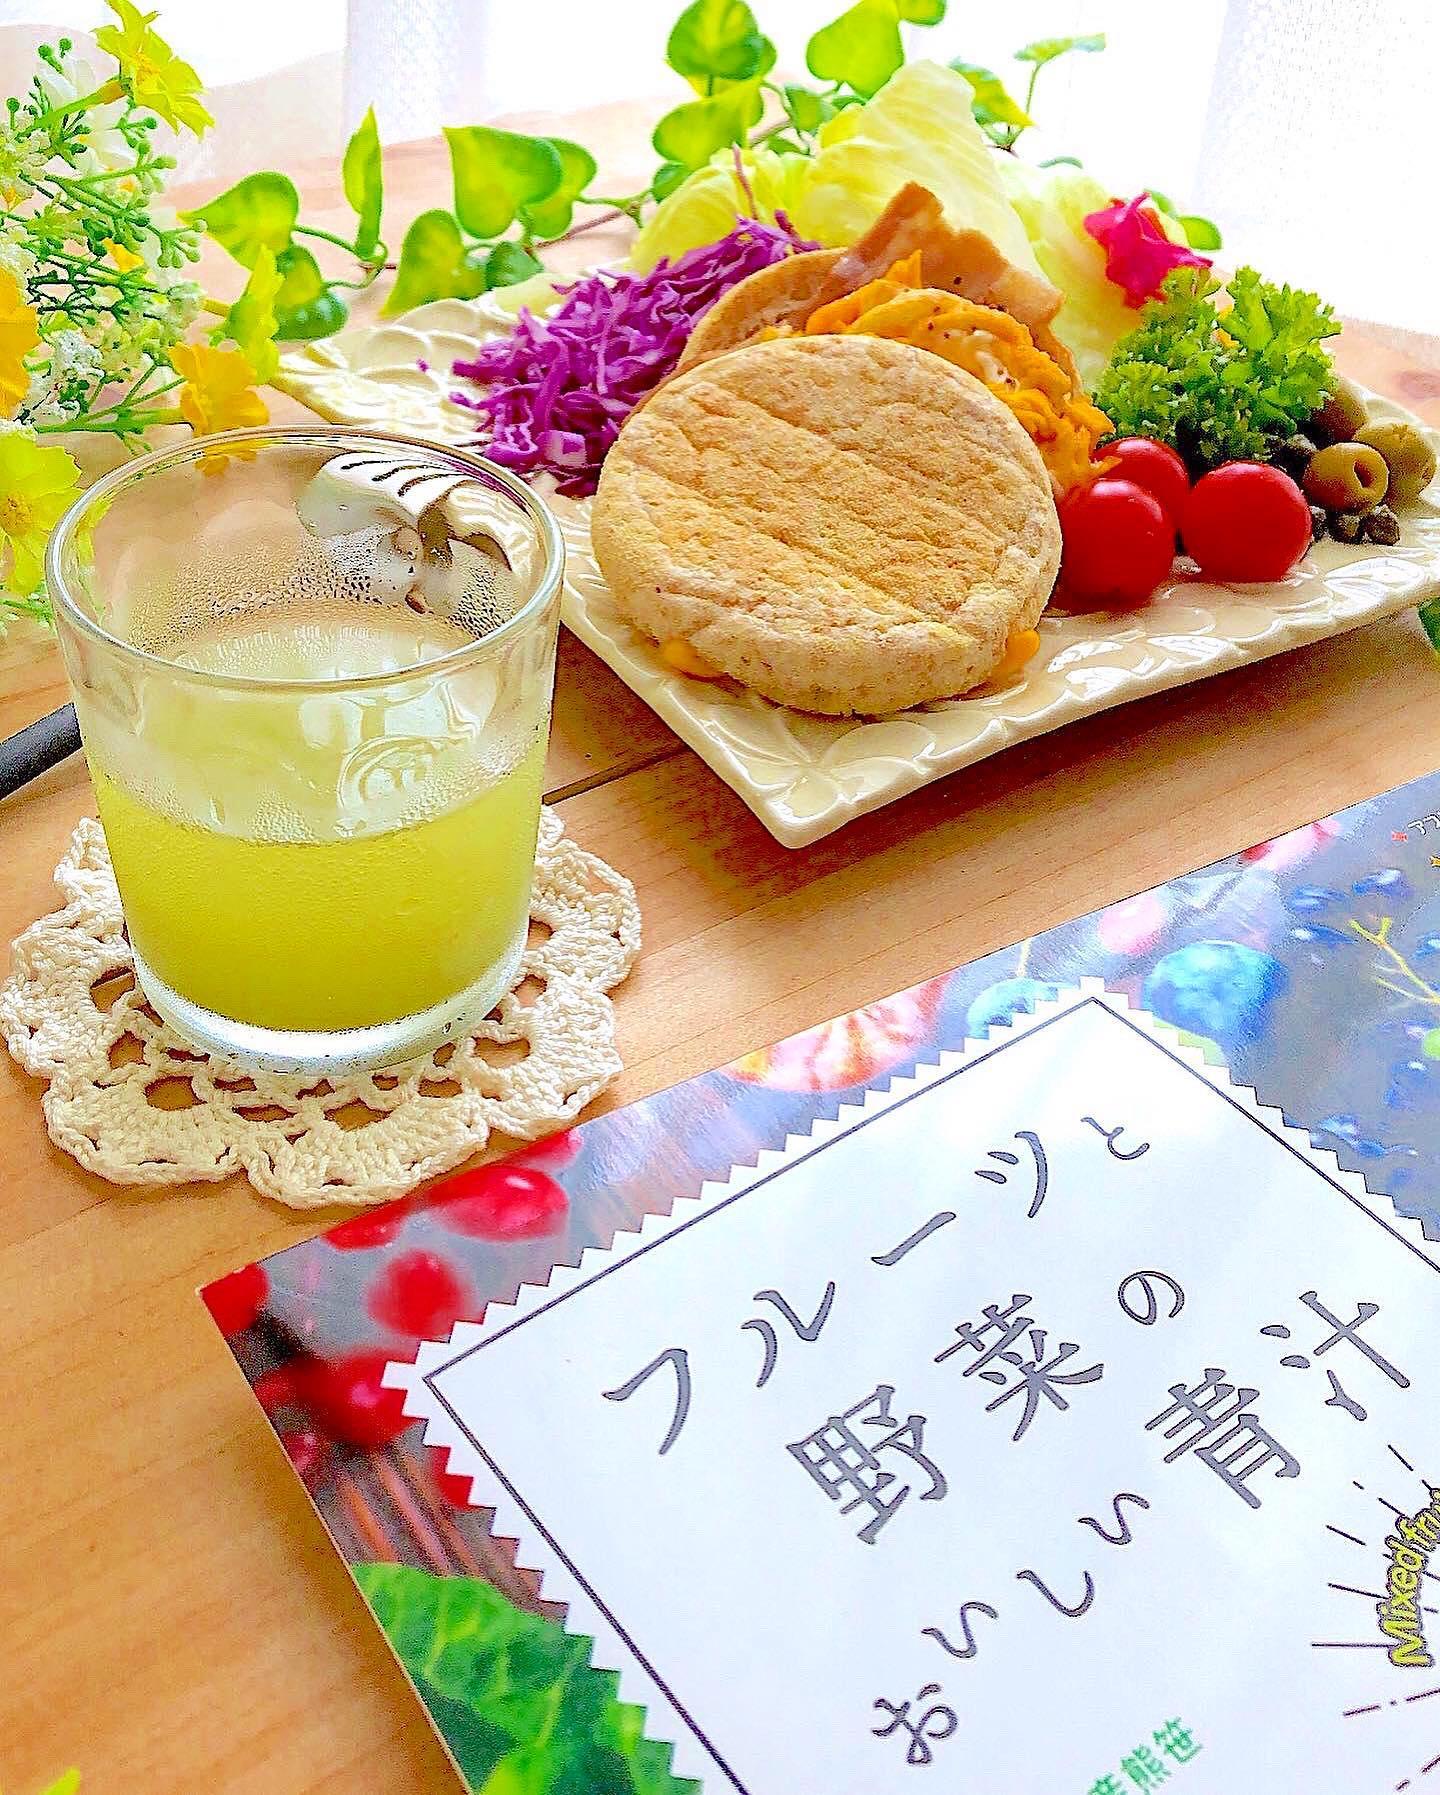 口コミ投稿:こんにちは😃#今日のお昼ごはん✿︎全粒粉マフィンのサンドイッチ✿︎リファータ・…